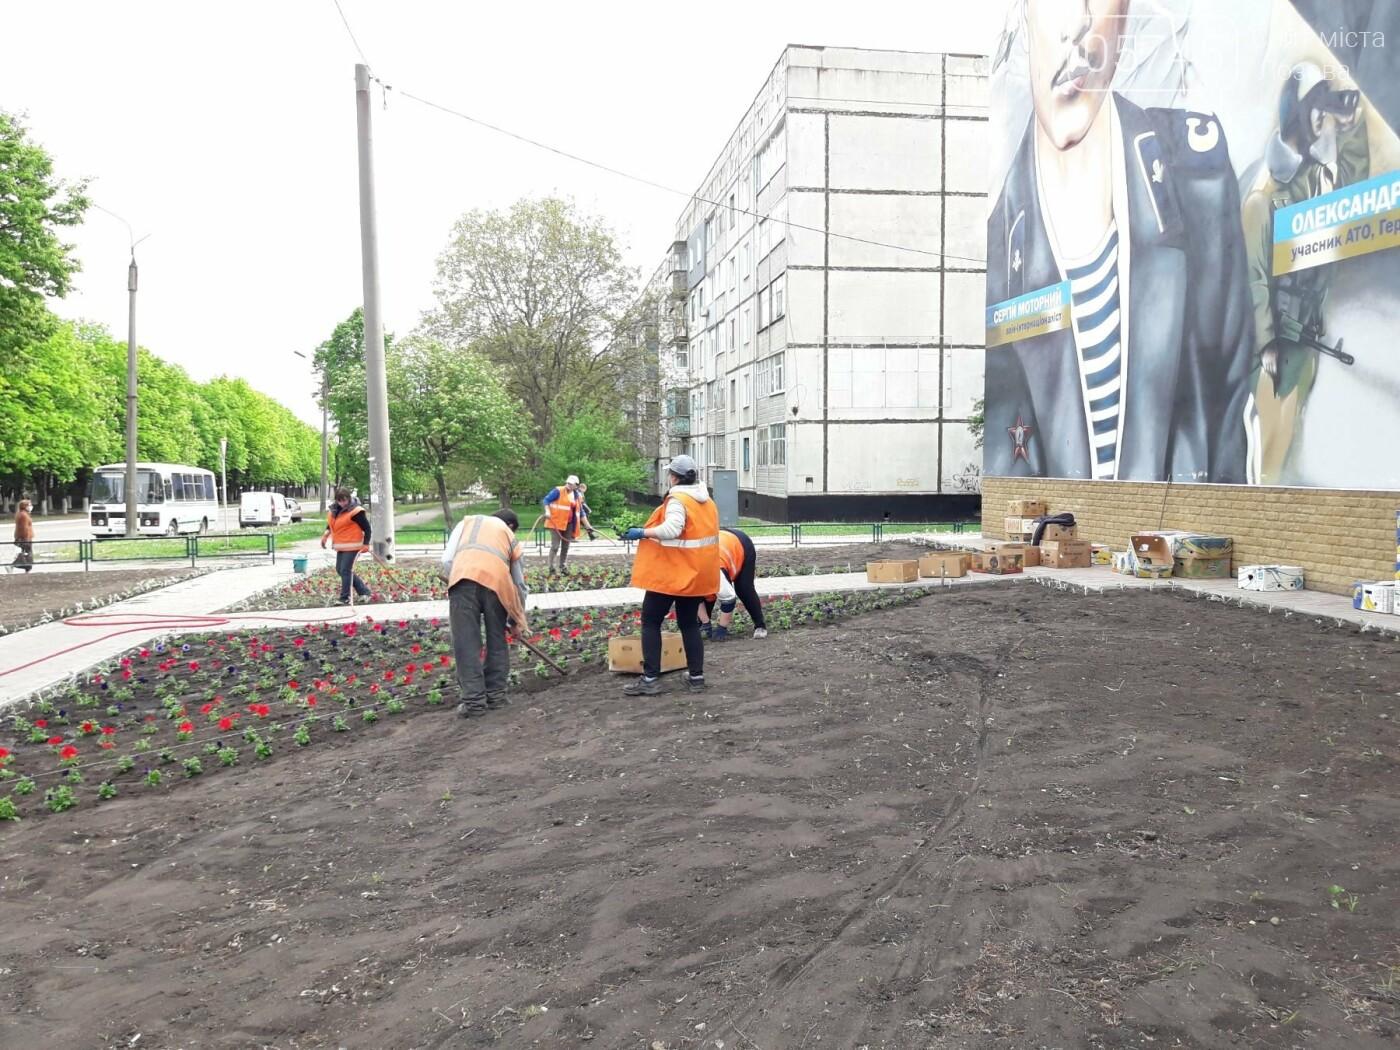 Цветы для громады: на Лозовщине посадят 20 тысяч саженцев, фото-2